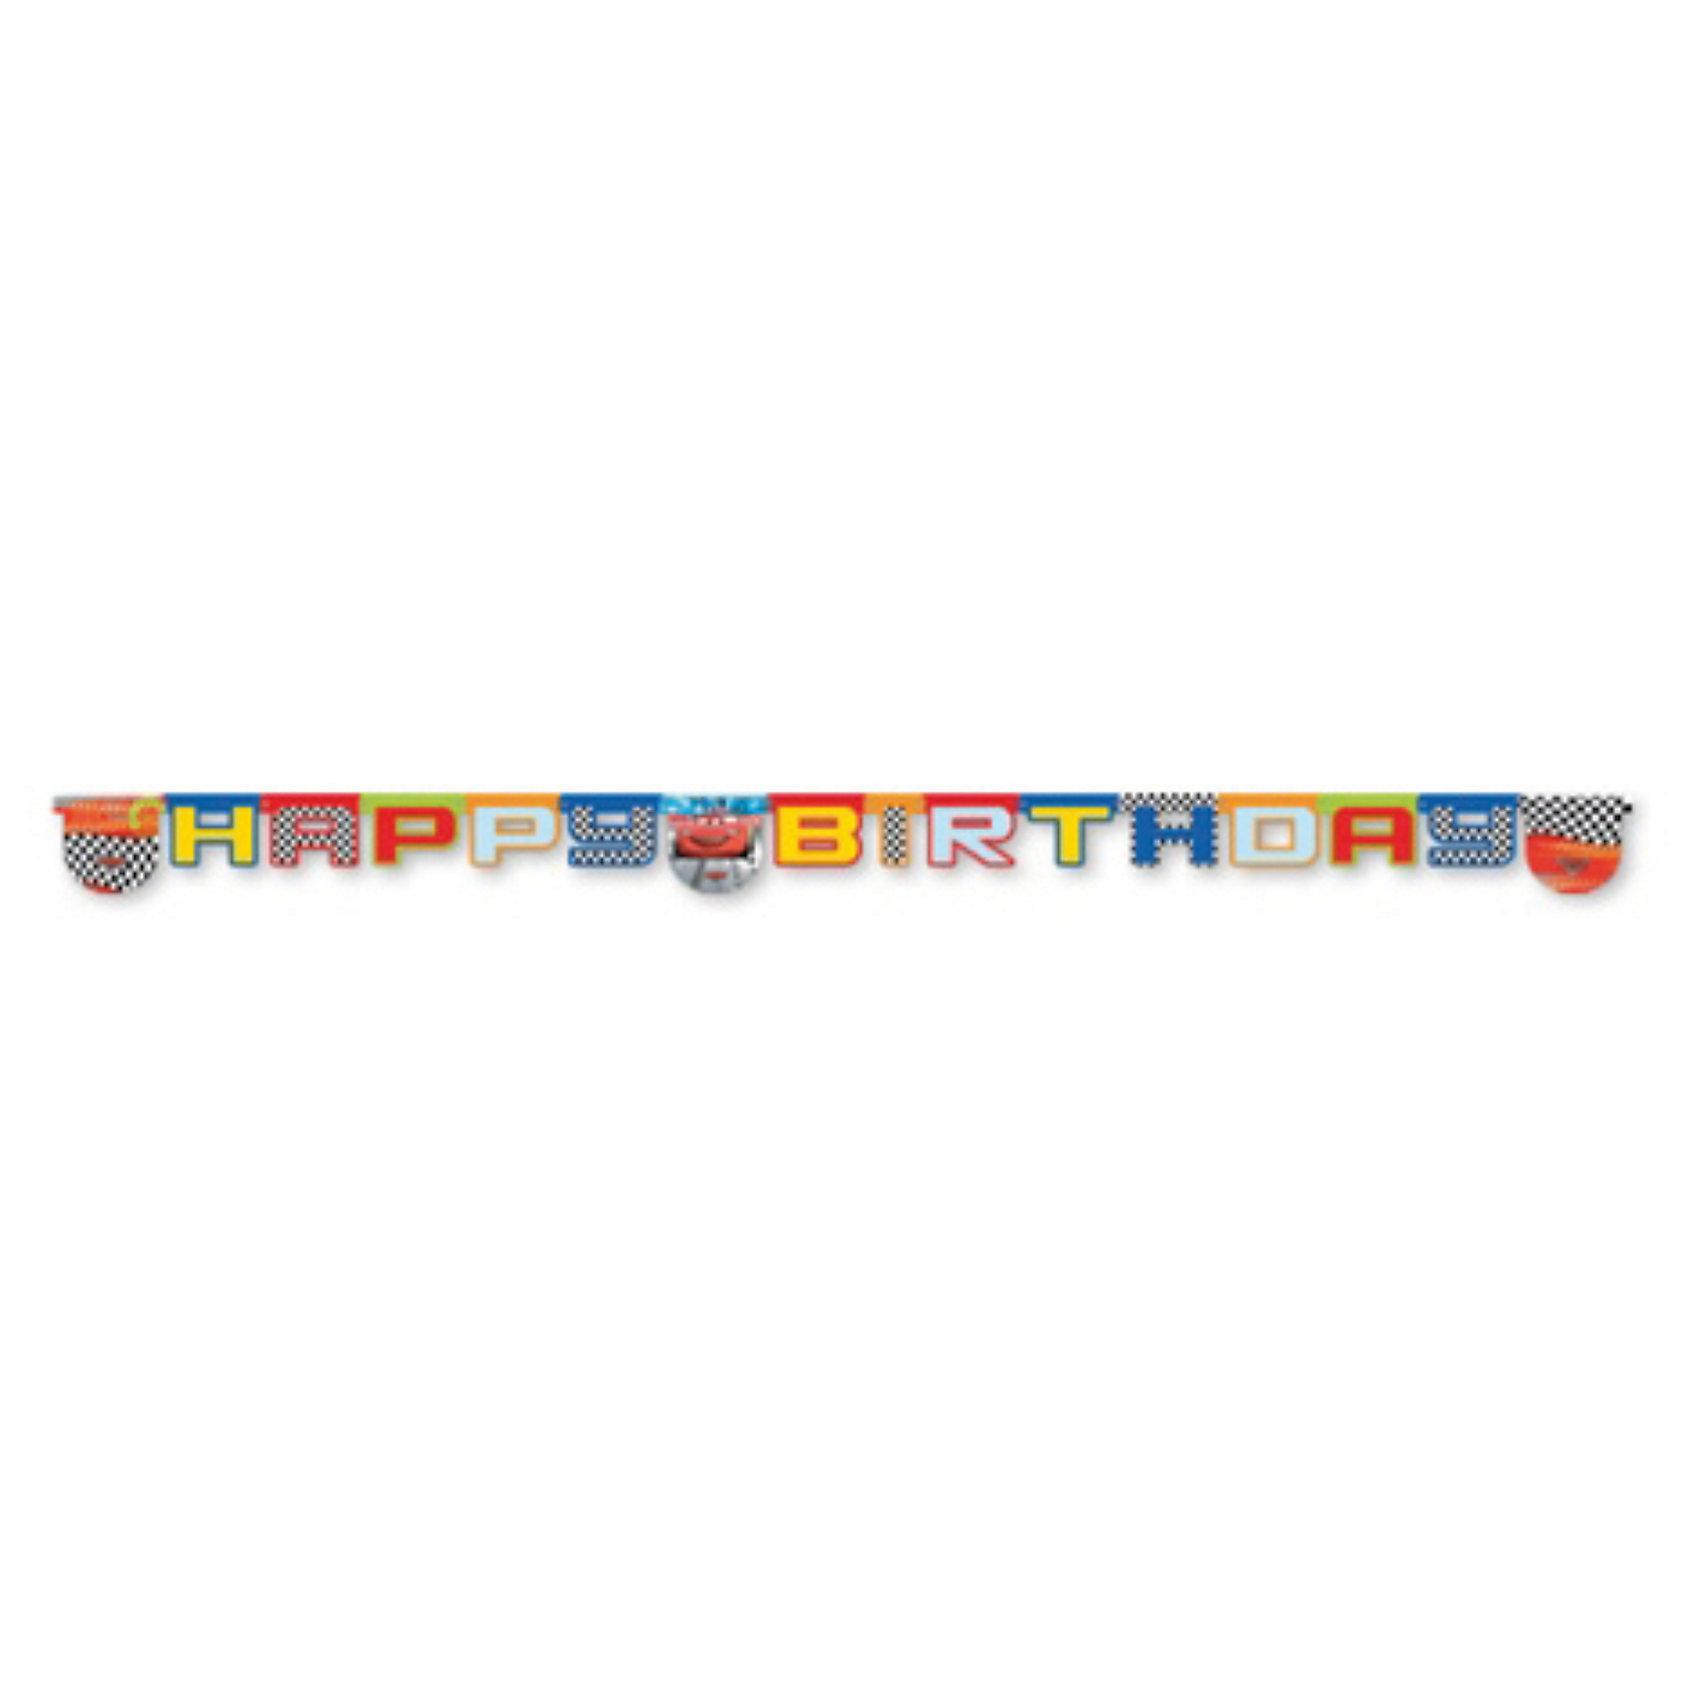 Гирлянда Тачки на старте, Happy BirthdayГирлянда Тачки (Cars) на старте Happy Birthday.<br>Гирлянда с надписью Happy Birthday, выполненная в стиле мультфильма «Тачки (Cars)» украсит комнату к празднику, создаст атмосферу торжества и подарит хорошее настроение детям!  <br><br>В набор входит 1 гирлянда.<br><br><br>Дополнительная информация:<br><br>224х212х31 мм<br><br>Поднимет настроение всей компании Вашего малыша!<br>Легко приобрести в нашем интернет-магазине!<br><br>Ширина мм: 224<br>Глубина мм: 212<br>Высота мм: 31<br>Вес г: 46<br>Возраст от месяцев: 36<br>Возраст до месяцев: 84<br>Пол: Мужской<br>Возраст: Детский<br>SKU: 3360049